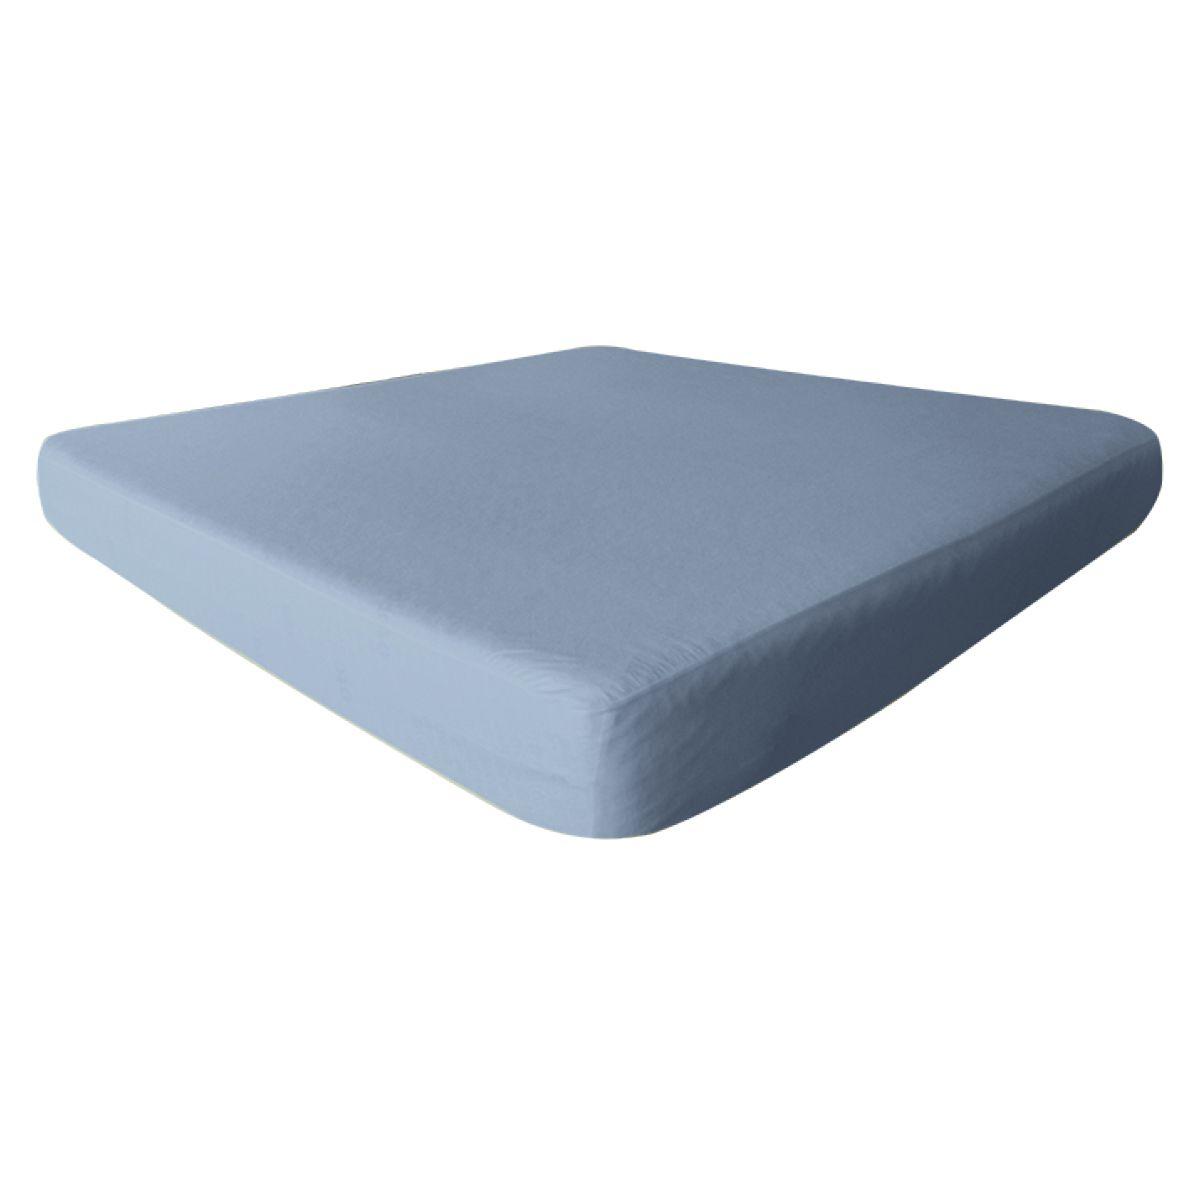 Fresh Drap Housse 160x200cm Bleu Ciel Impermeable Et Respirant Drap Housse Drap Bleu Ciel